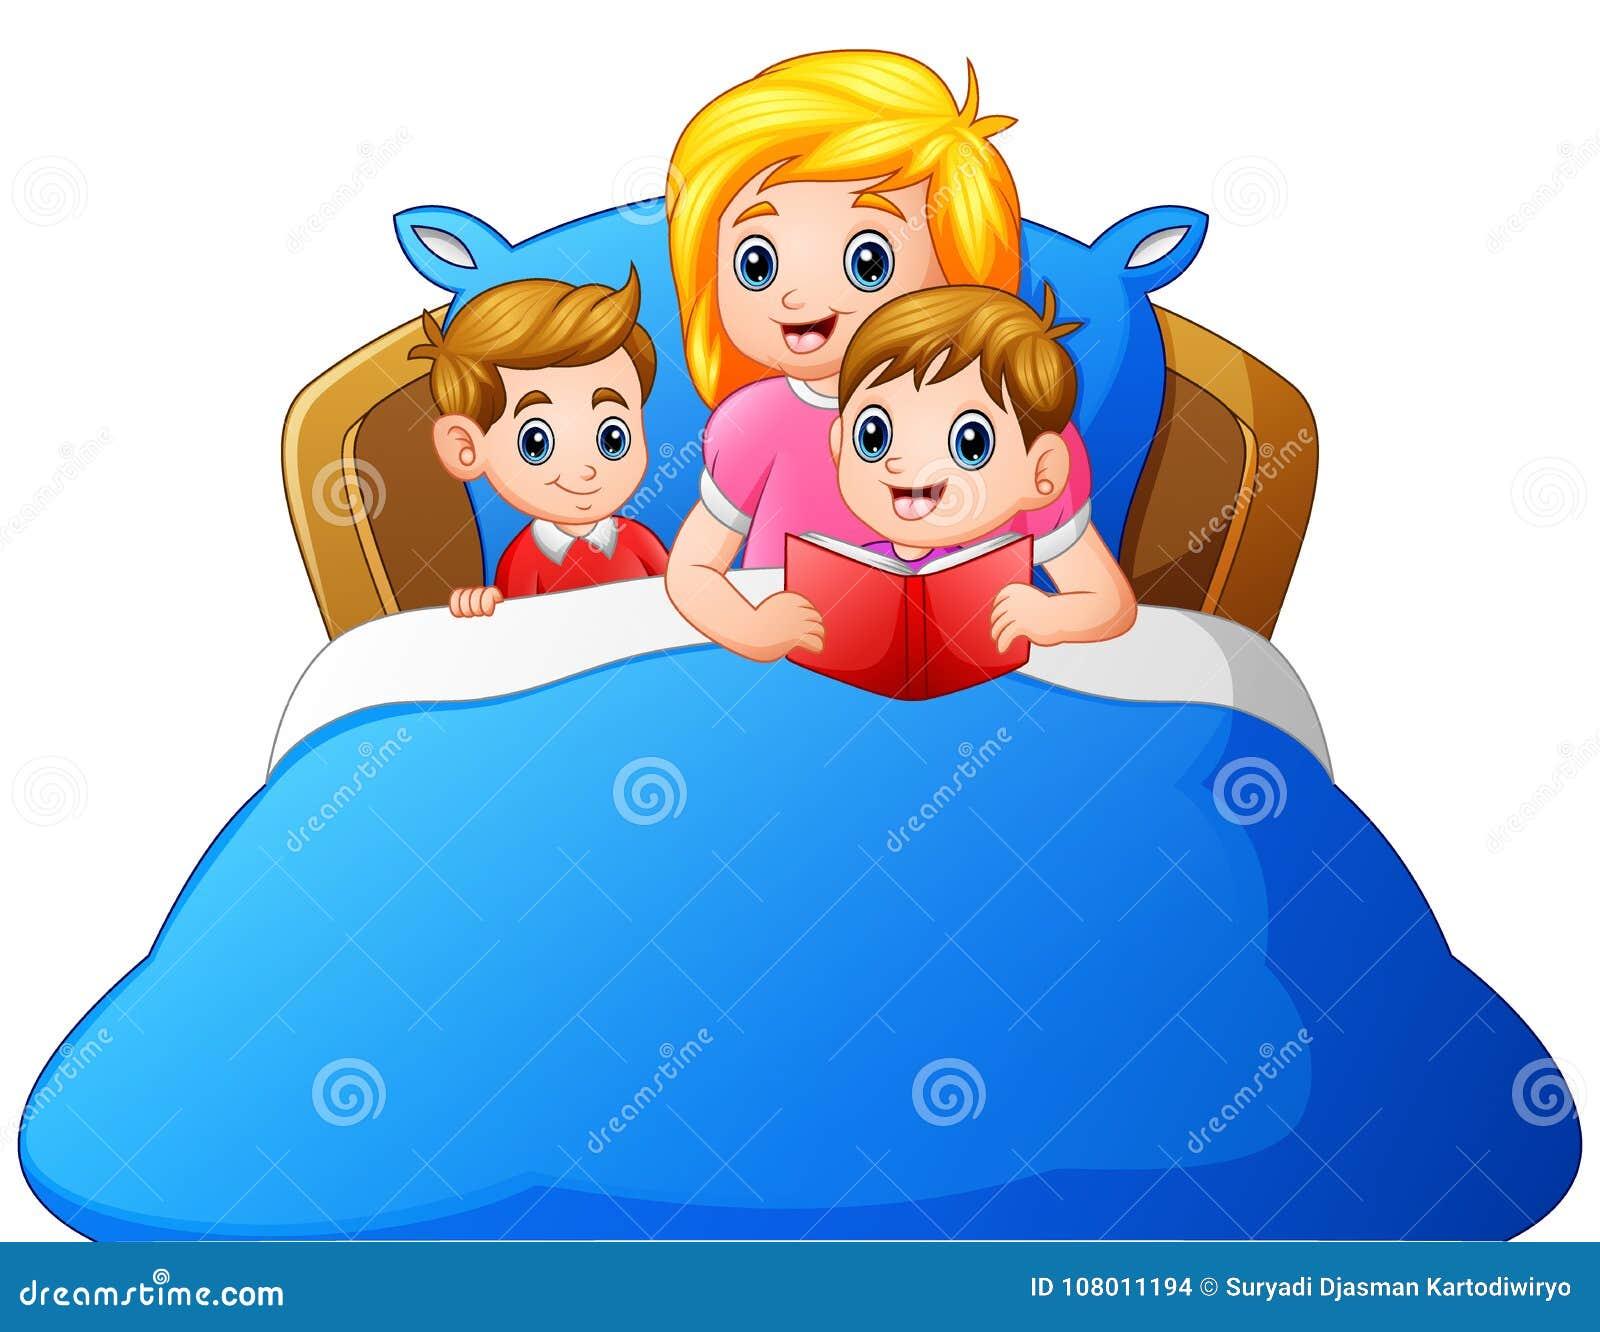 Kreskówki pora snu macierzysta czytelnicza opowieść jej dziecko na łóżku